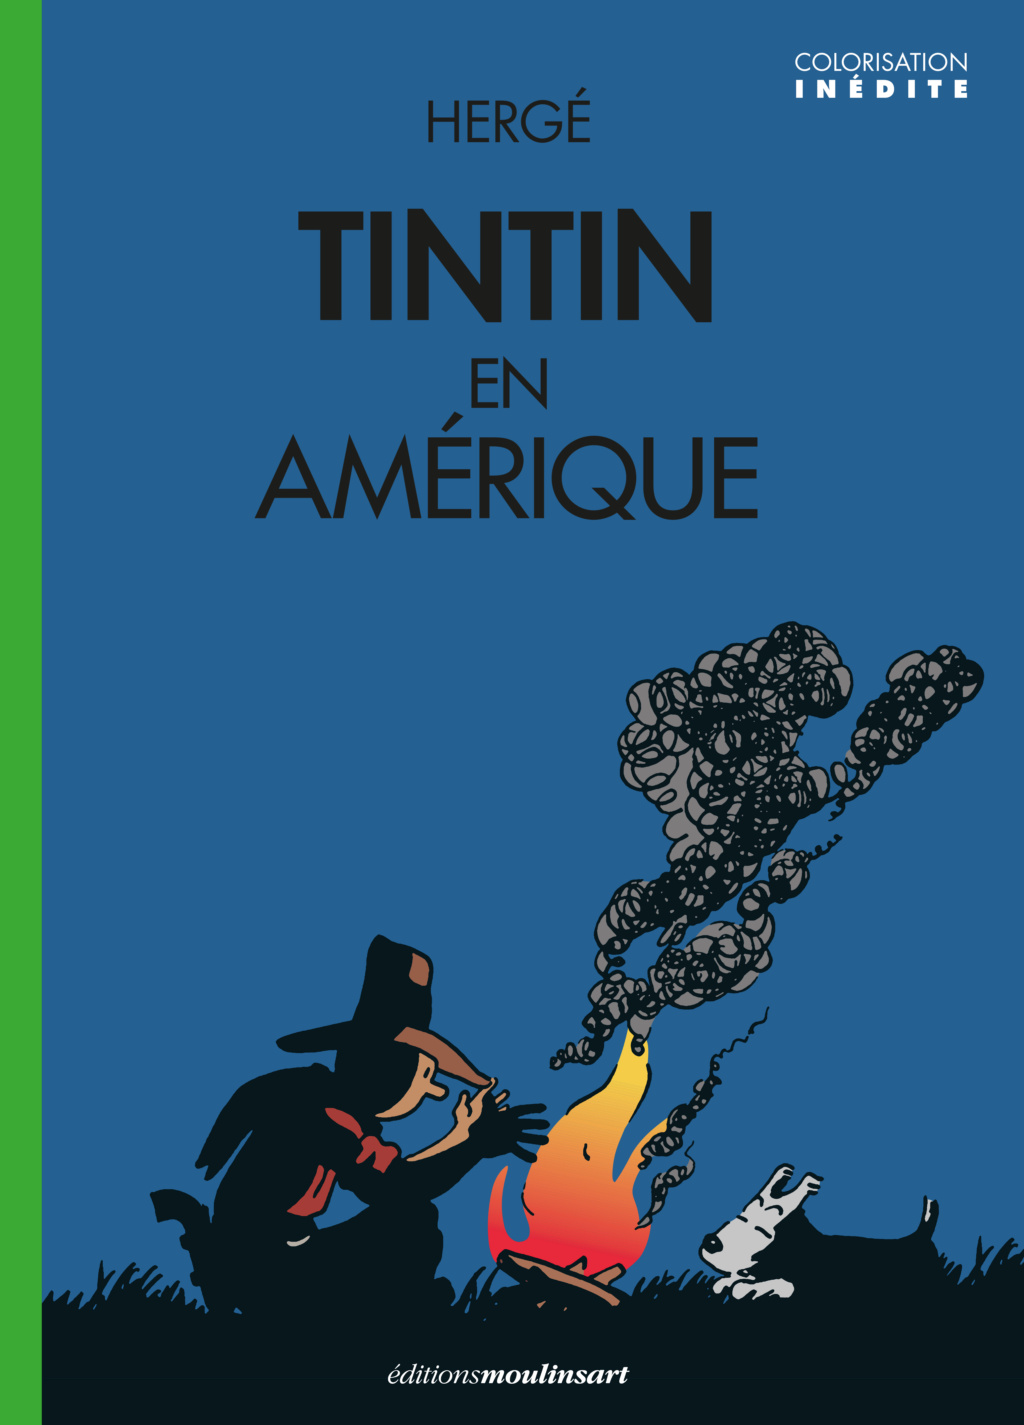 Trouvailles autour de Tintin (deuxième partie) - Page 8 Ameriq10